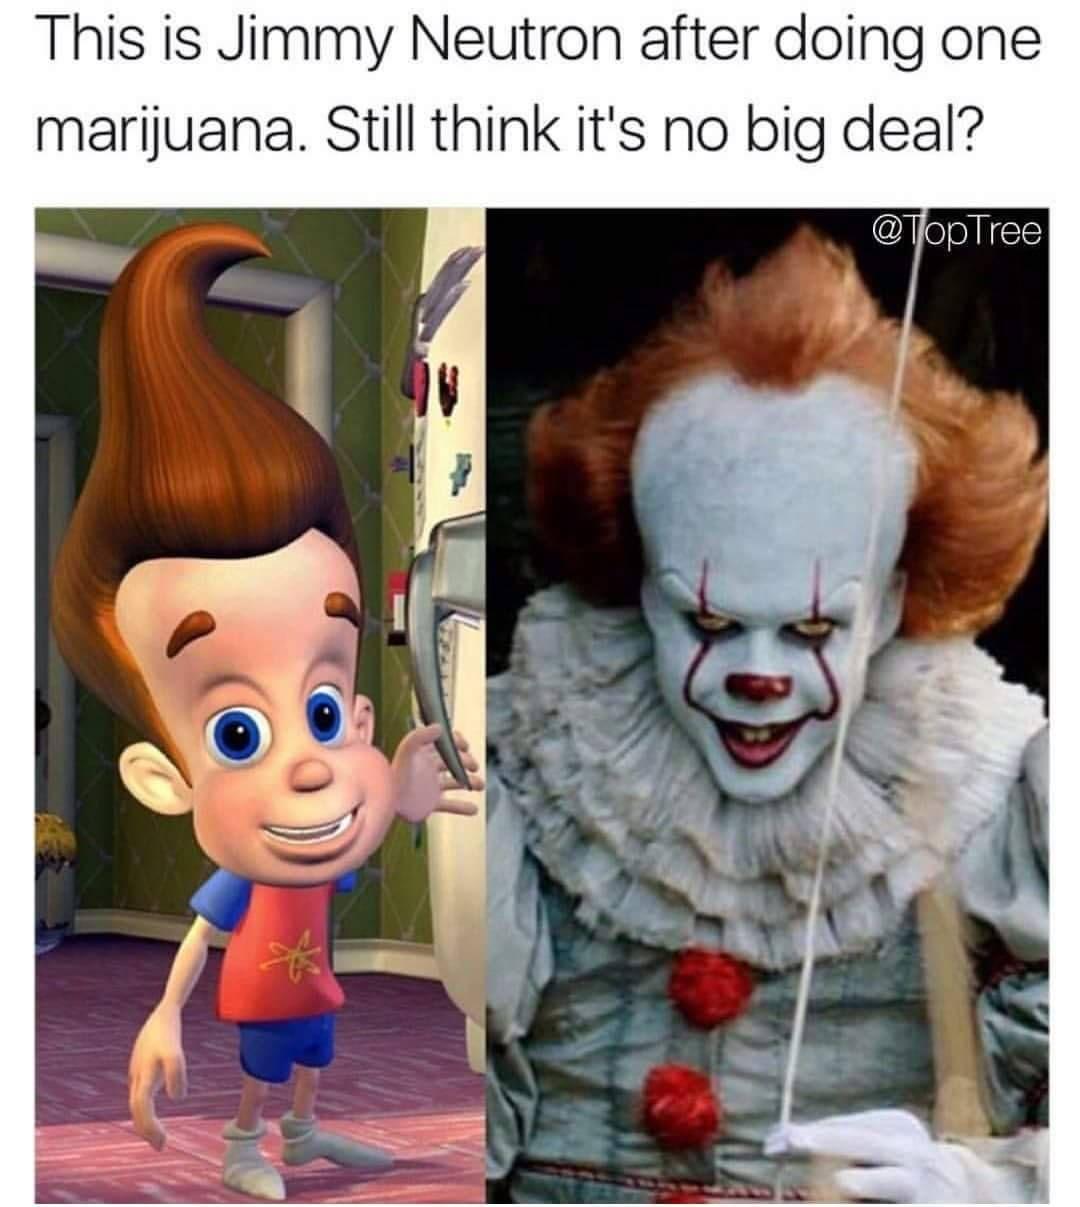 drugs are bad mkay